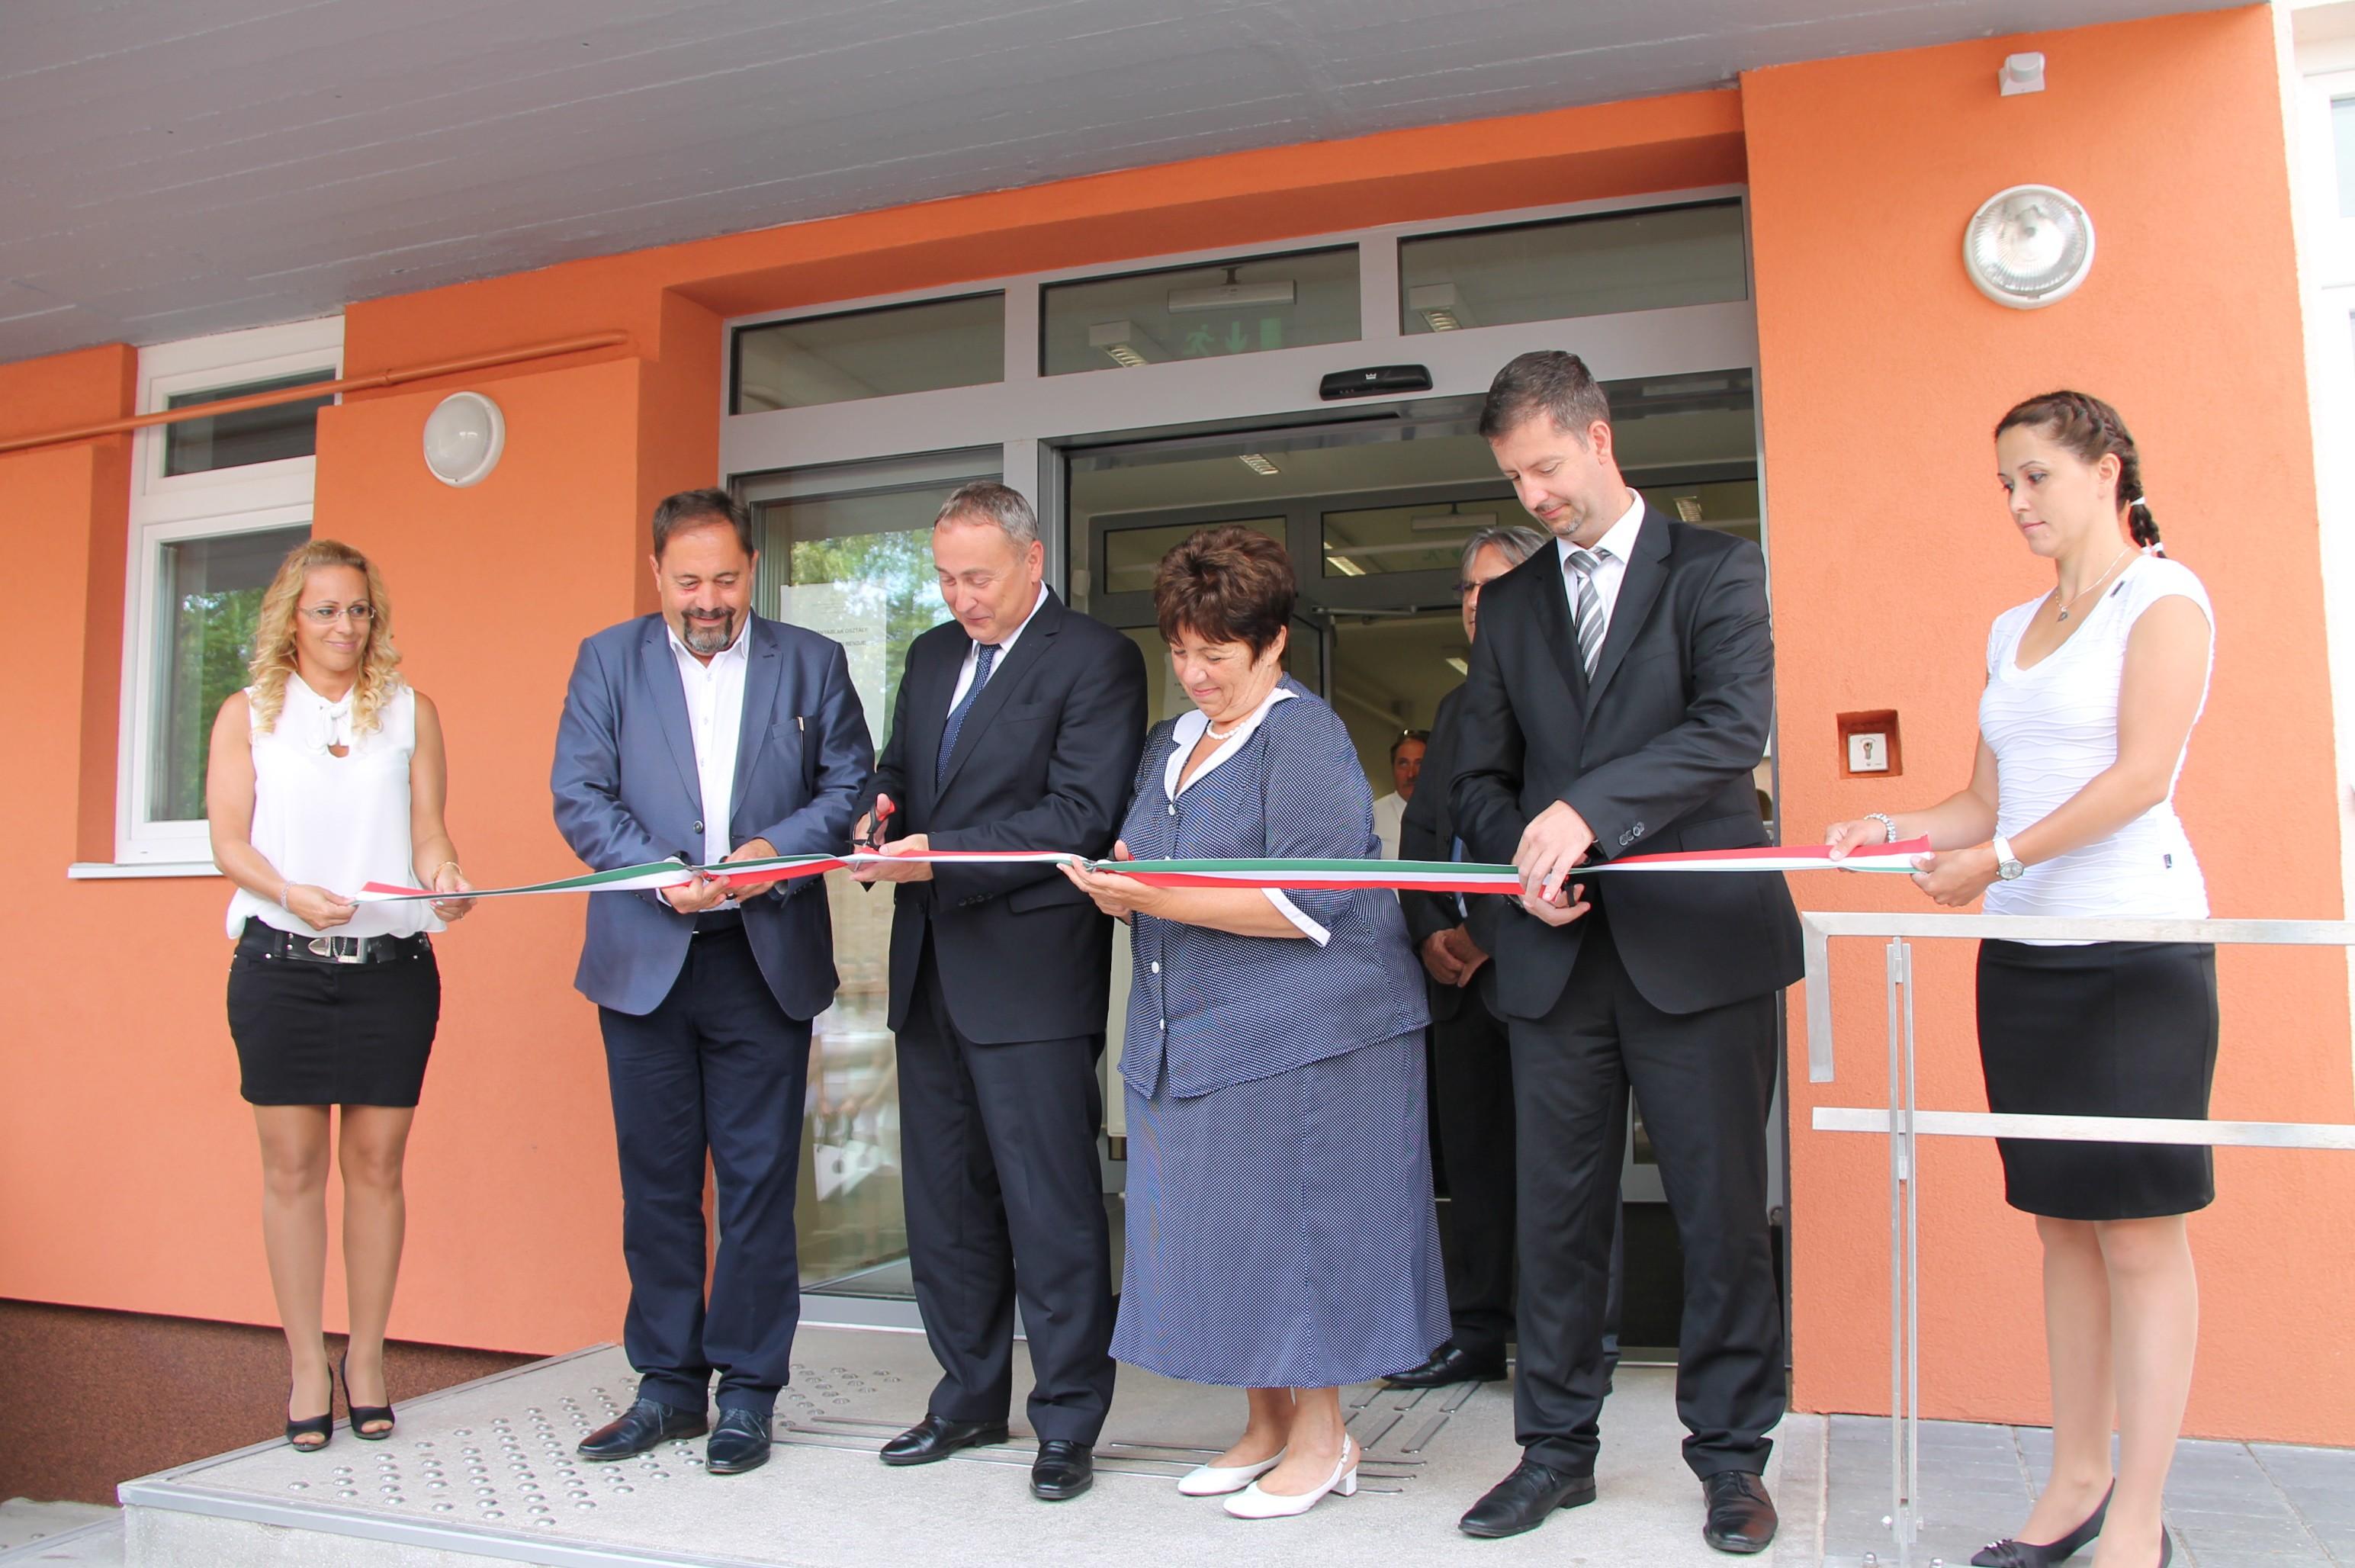 Átadták a Jász-Nagykun-Szolnok Megyei Kormányhivatal két korszerűsített épületét Jászberényben